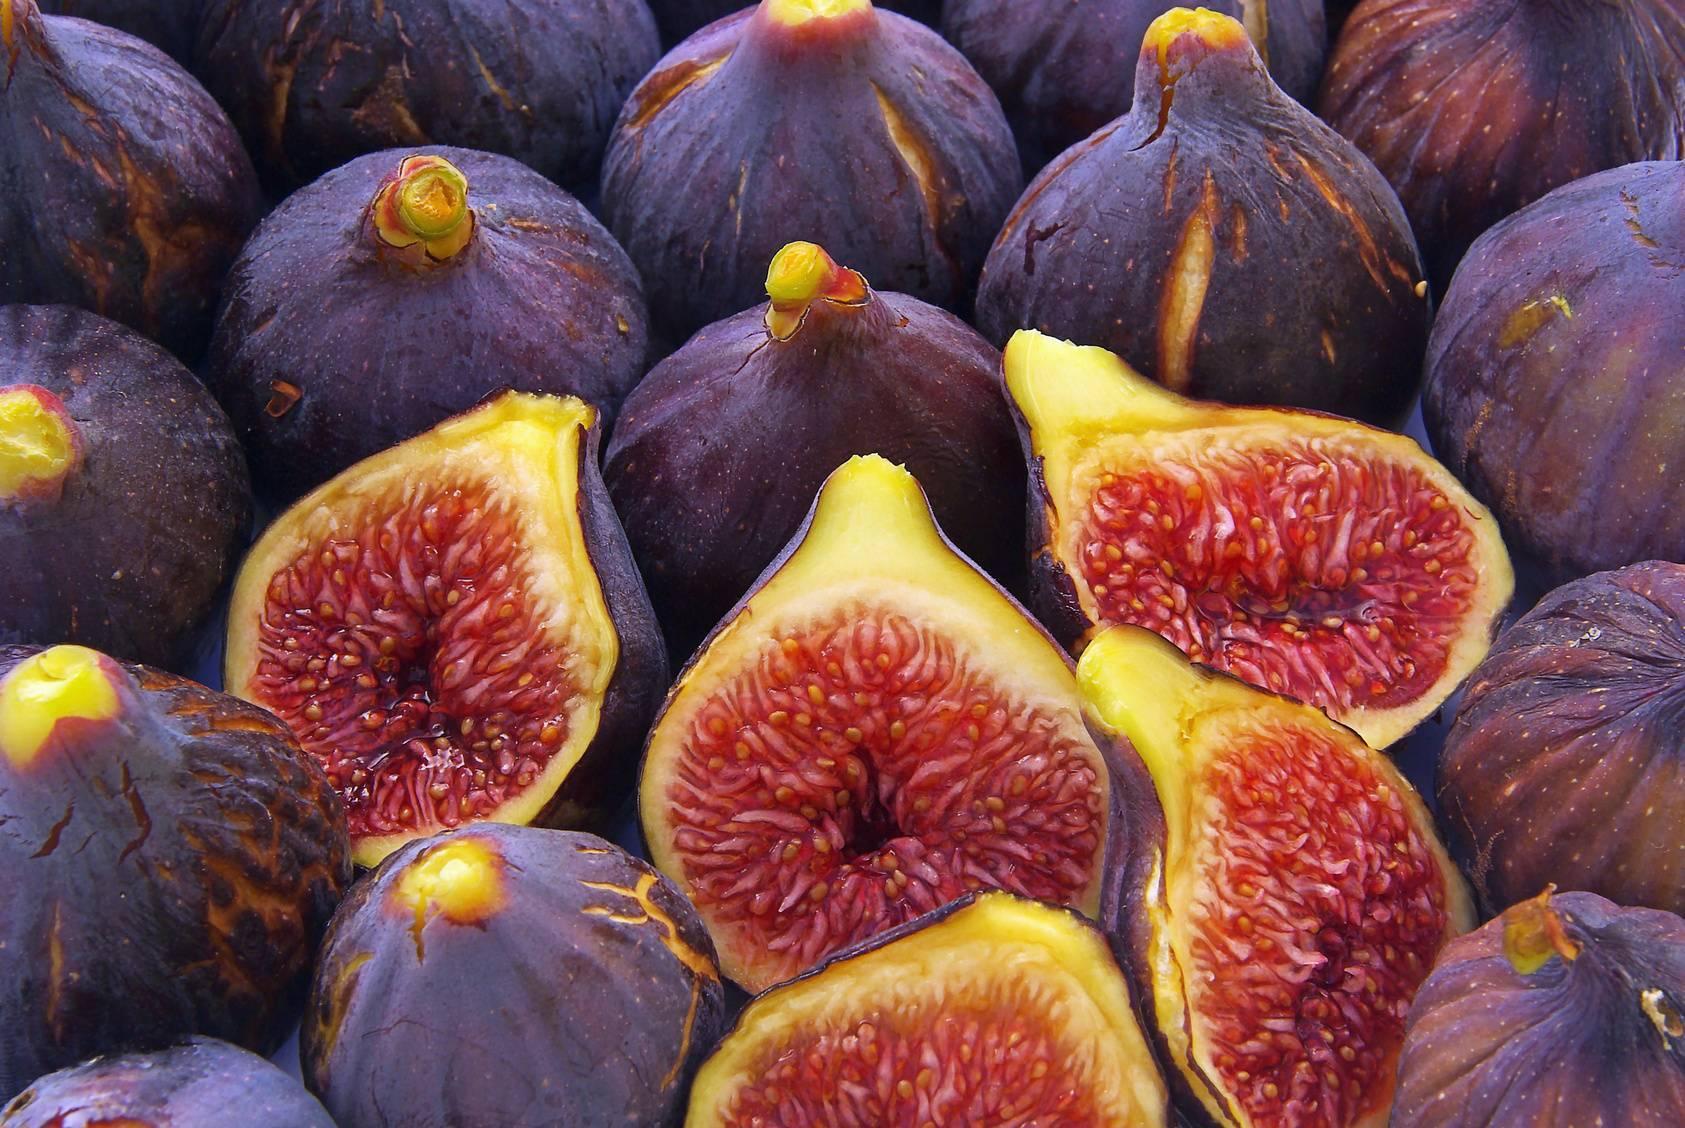 Фото деревьев и плодов инжира